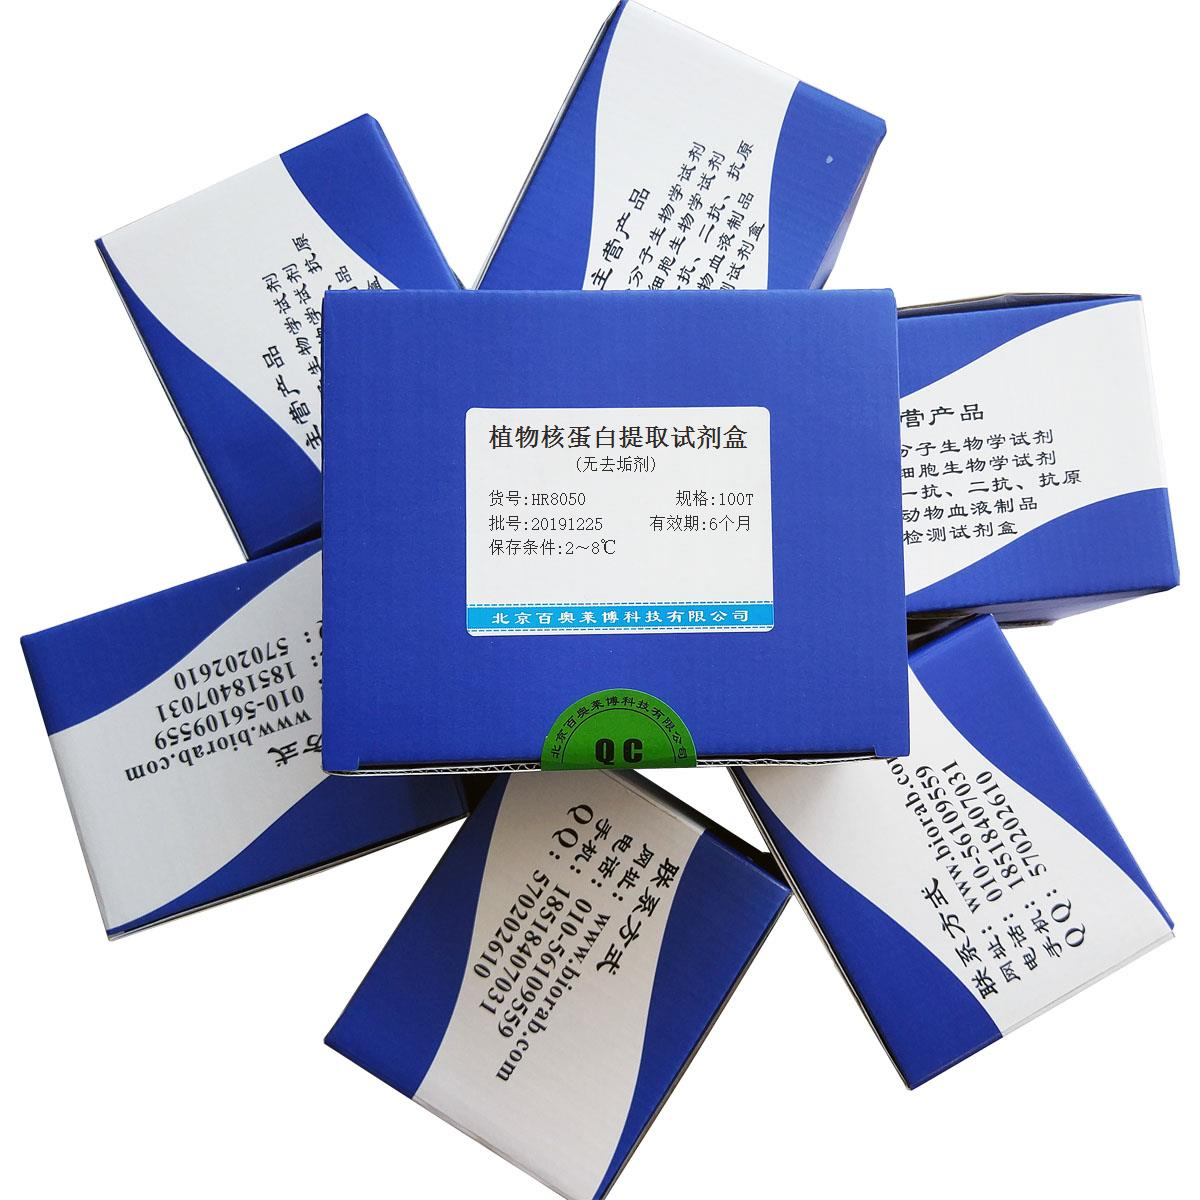 植物核蛋白提取试剂盒(无去垢剂)北京供应商